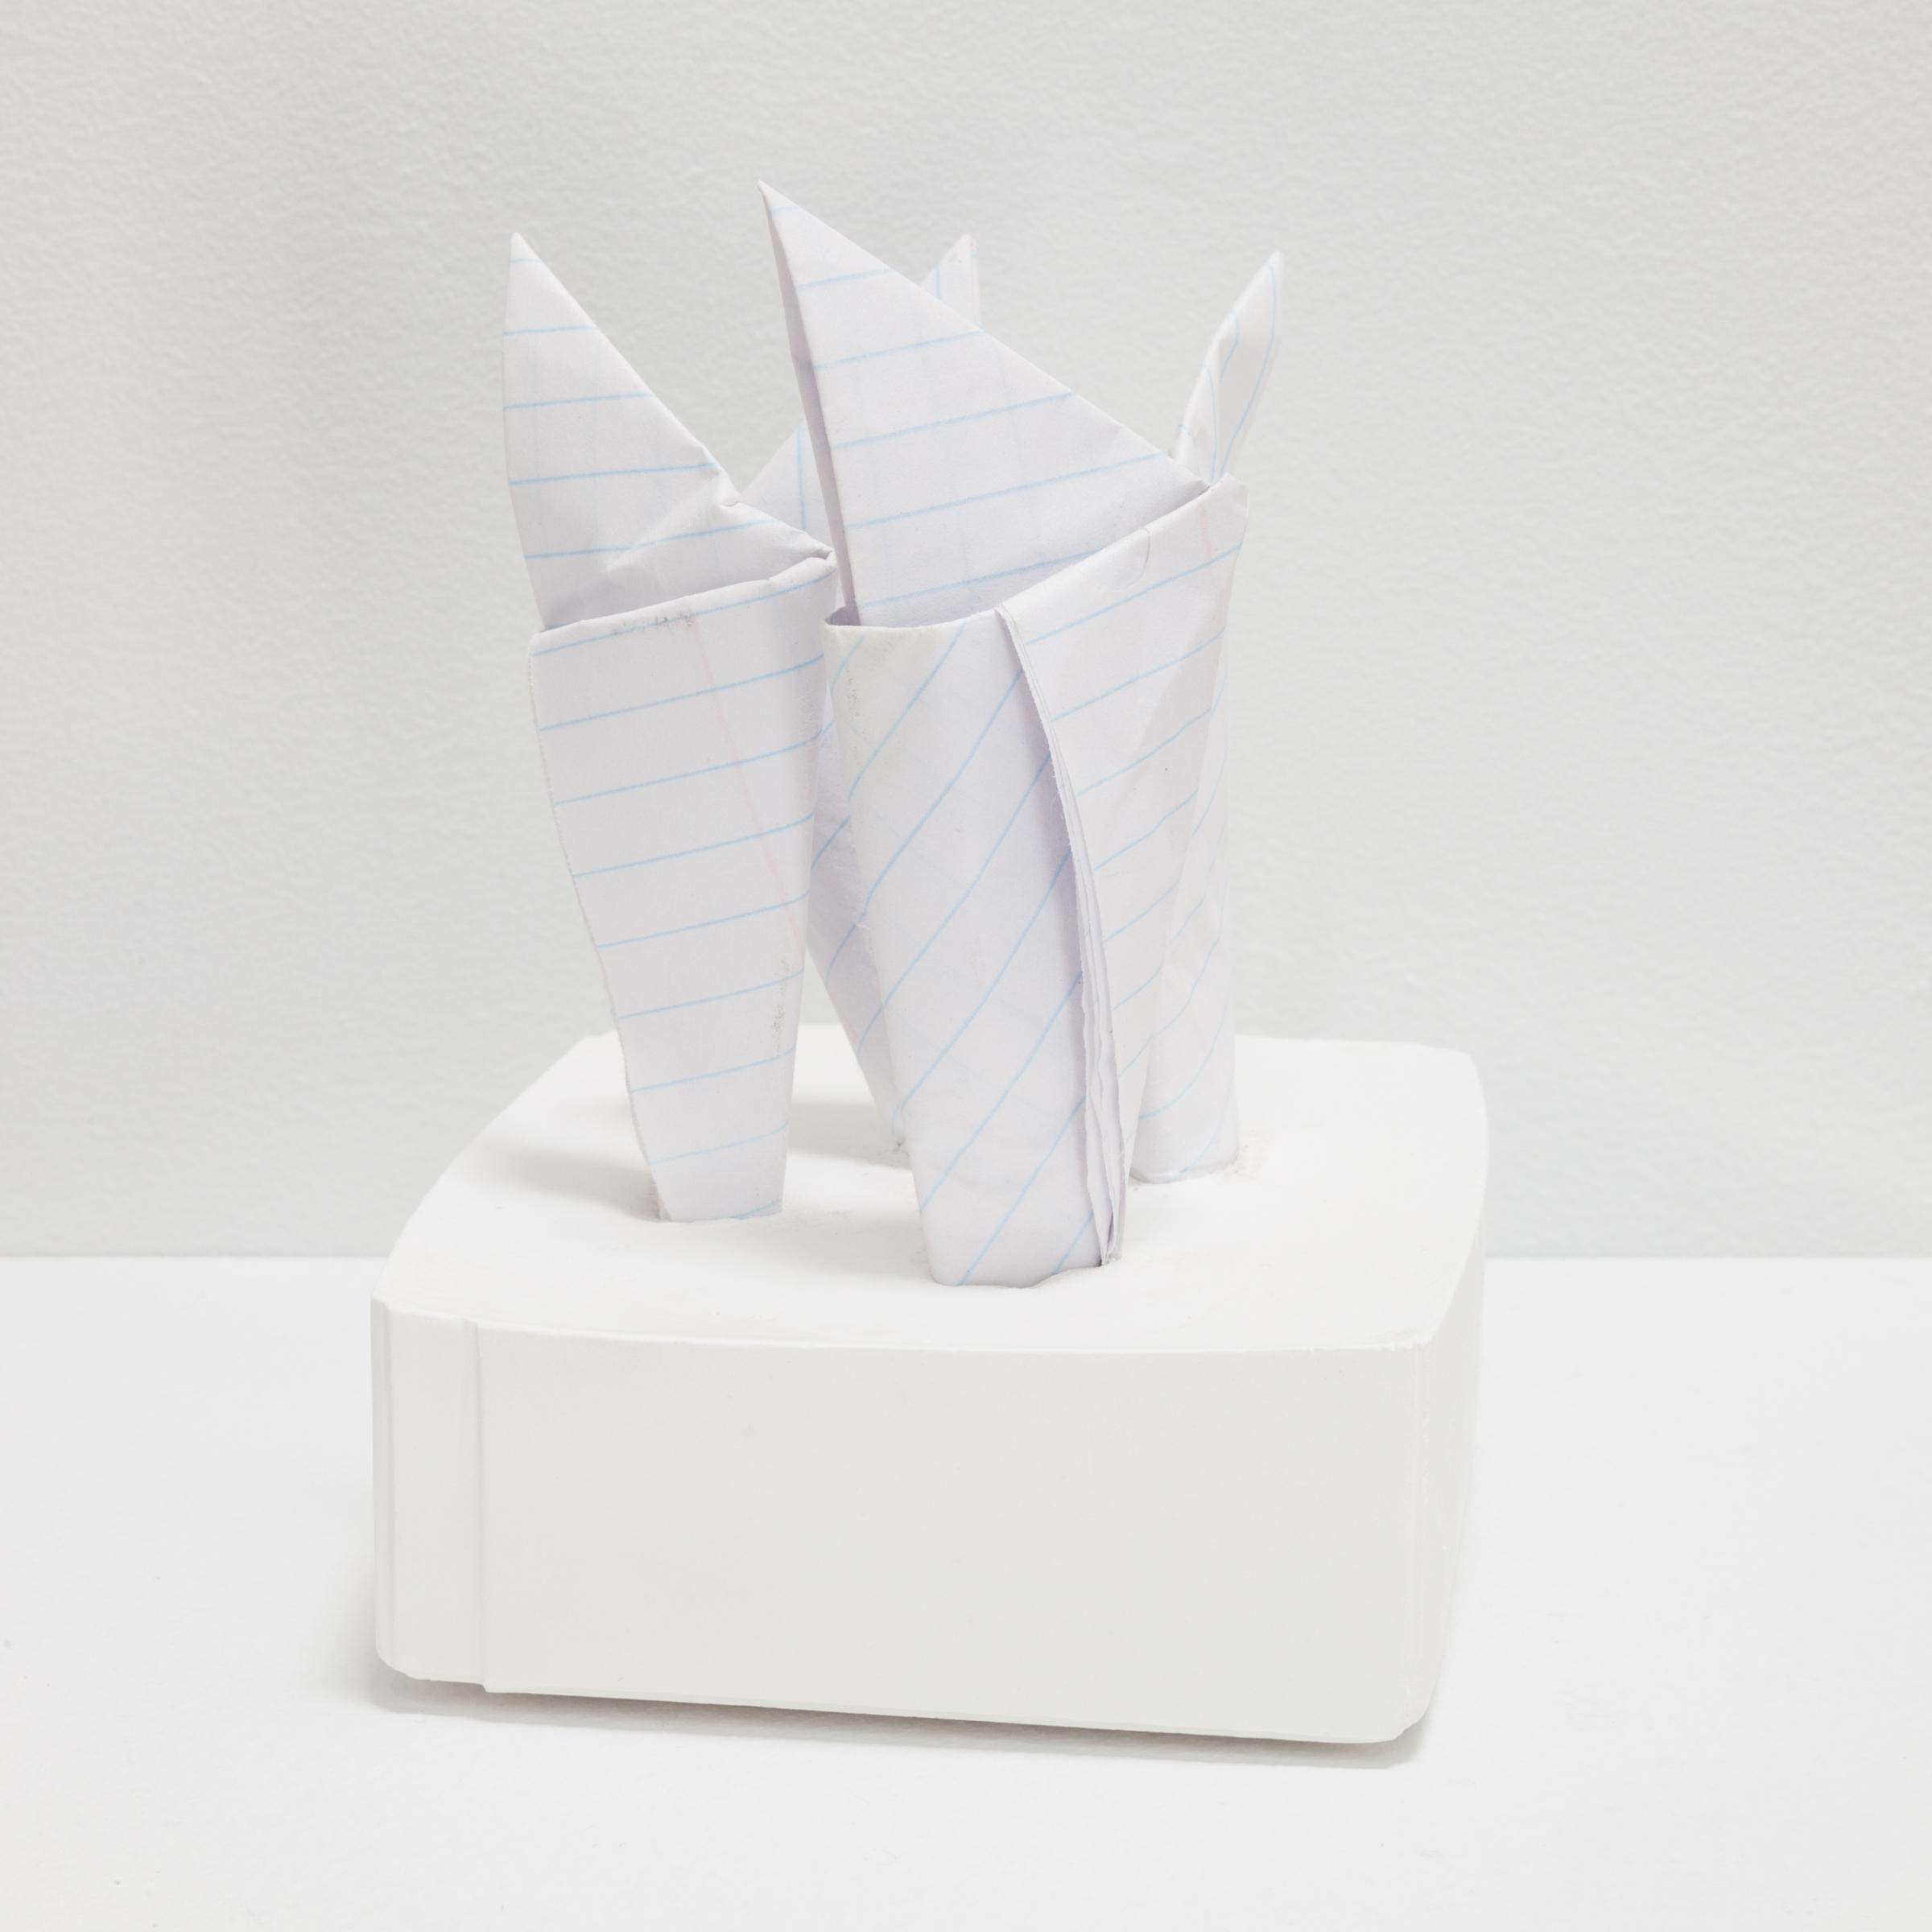 Deborah Hede,  Folded paper , 2014, ruled paper, plaster, 5 ¾ × 4 × 4 in